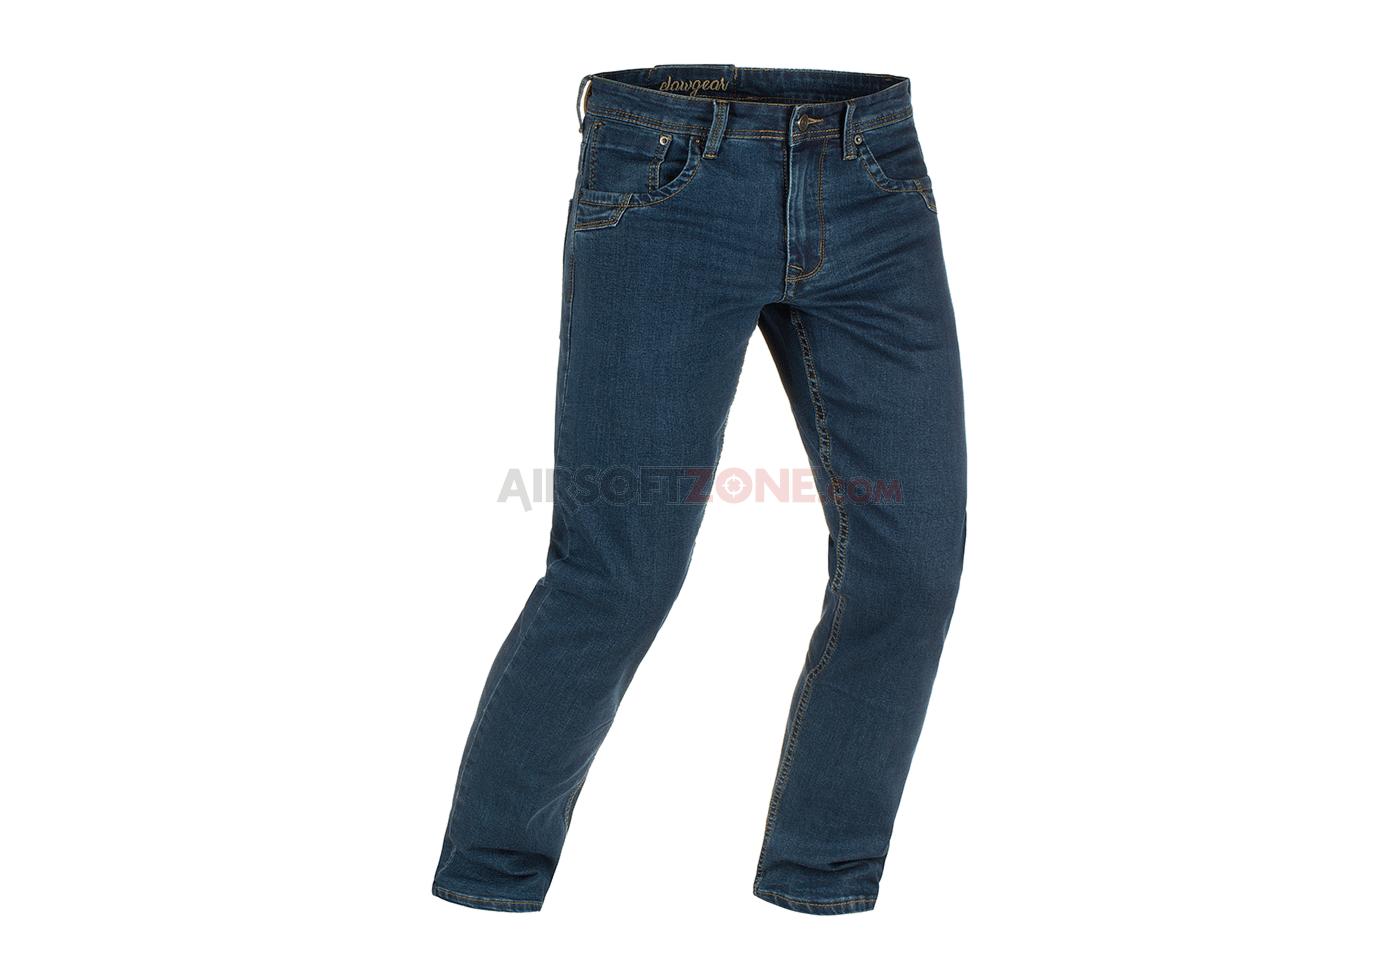 blue denim tactical flex jeans sapphire clawgear 36 36 jeans pants garments. Black Bedroom Furniture Sets. Home Design Ideas